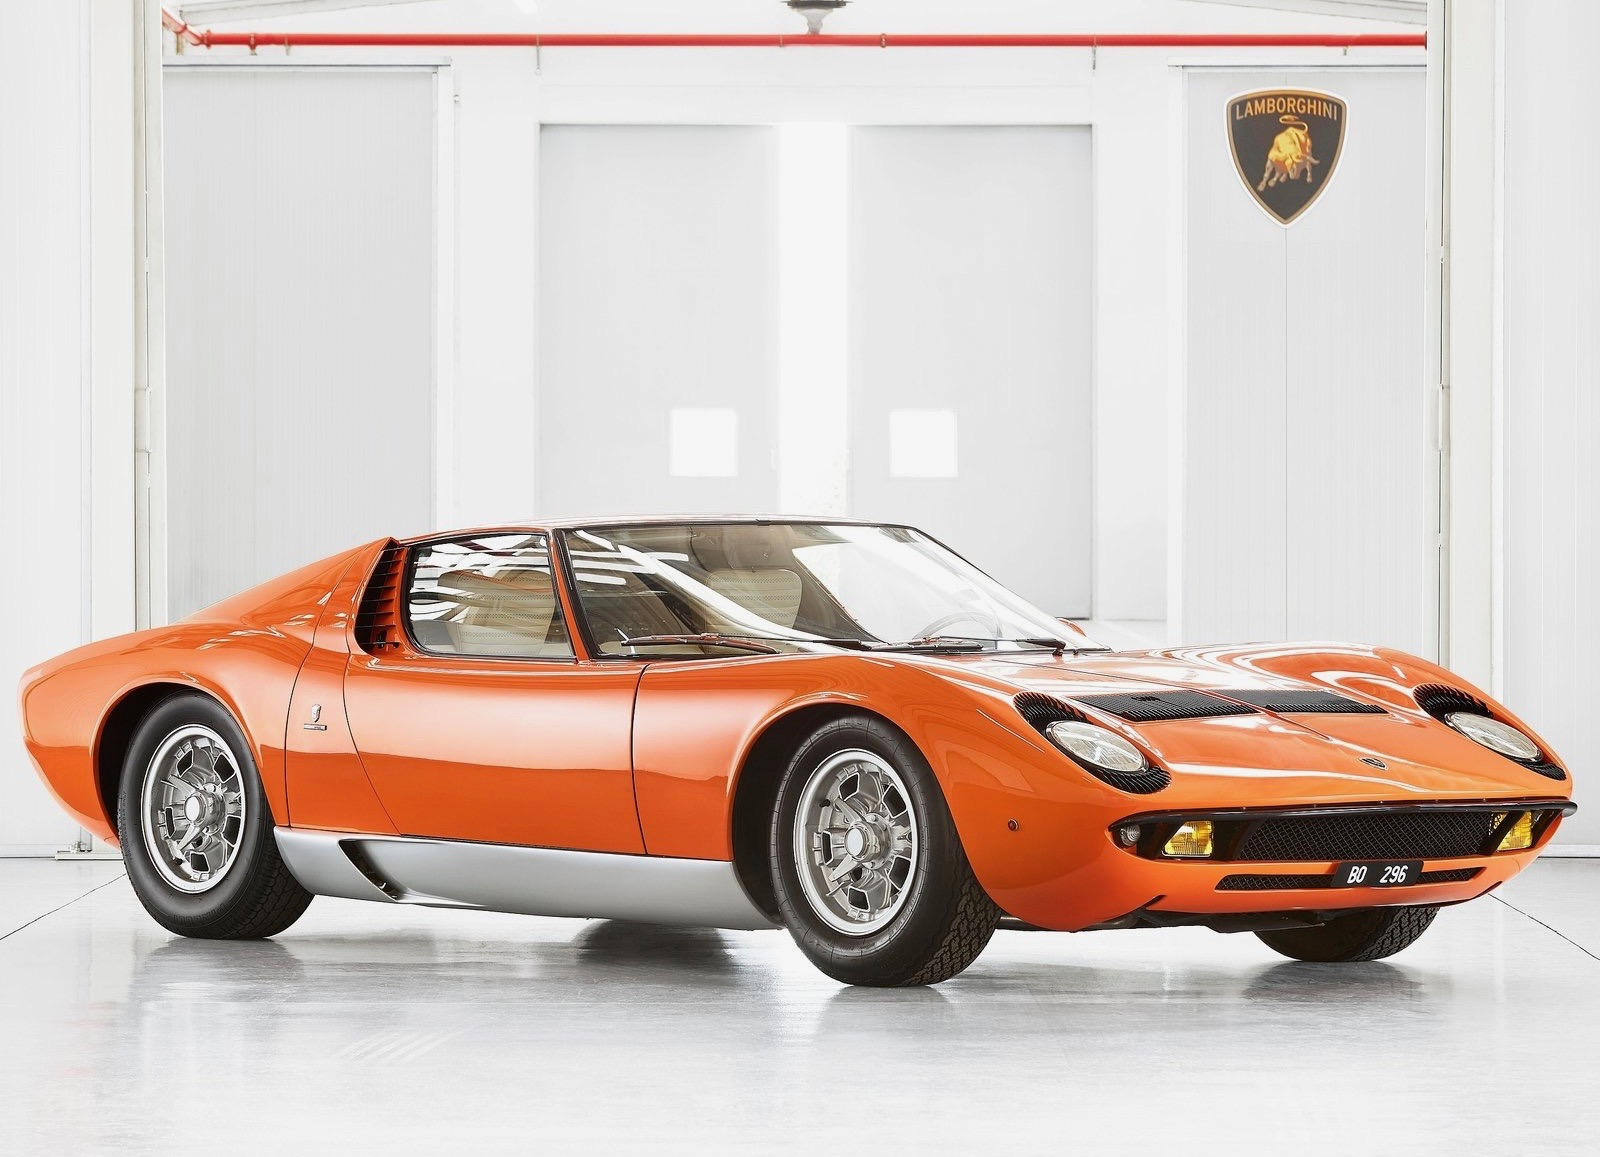 Lamborghini_Miura_P400_Italian_Job_0000